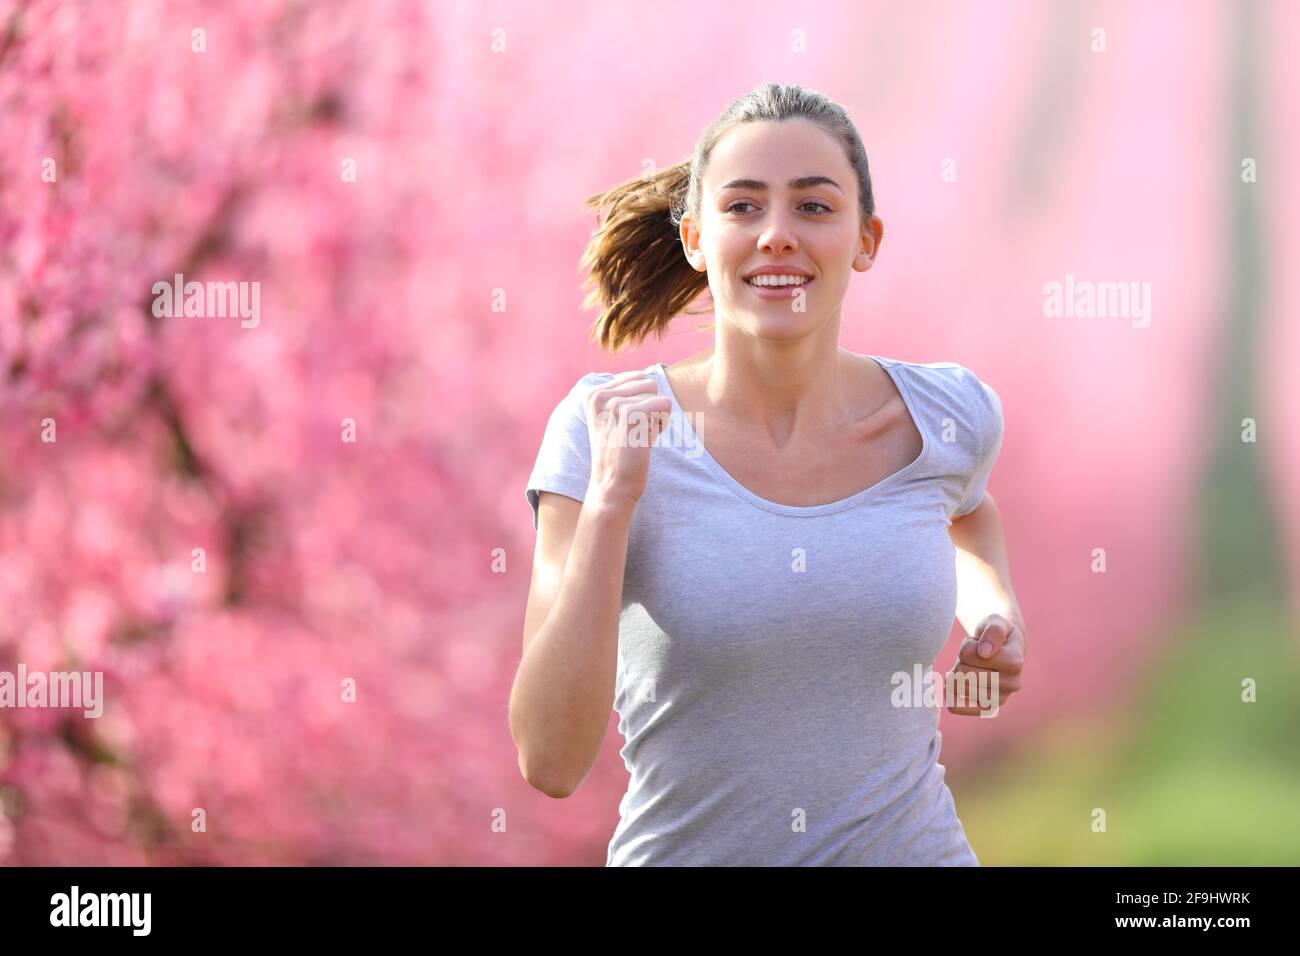 Vue avant d'une femme heureuse qui court dans un champ fleuri vers la caméra Banque D'Images